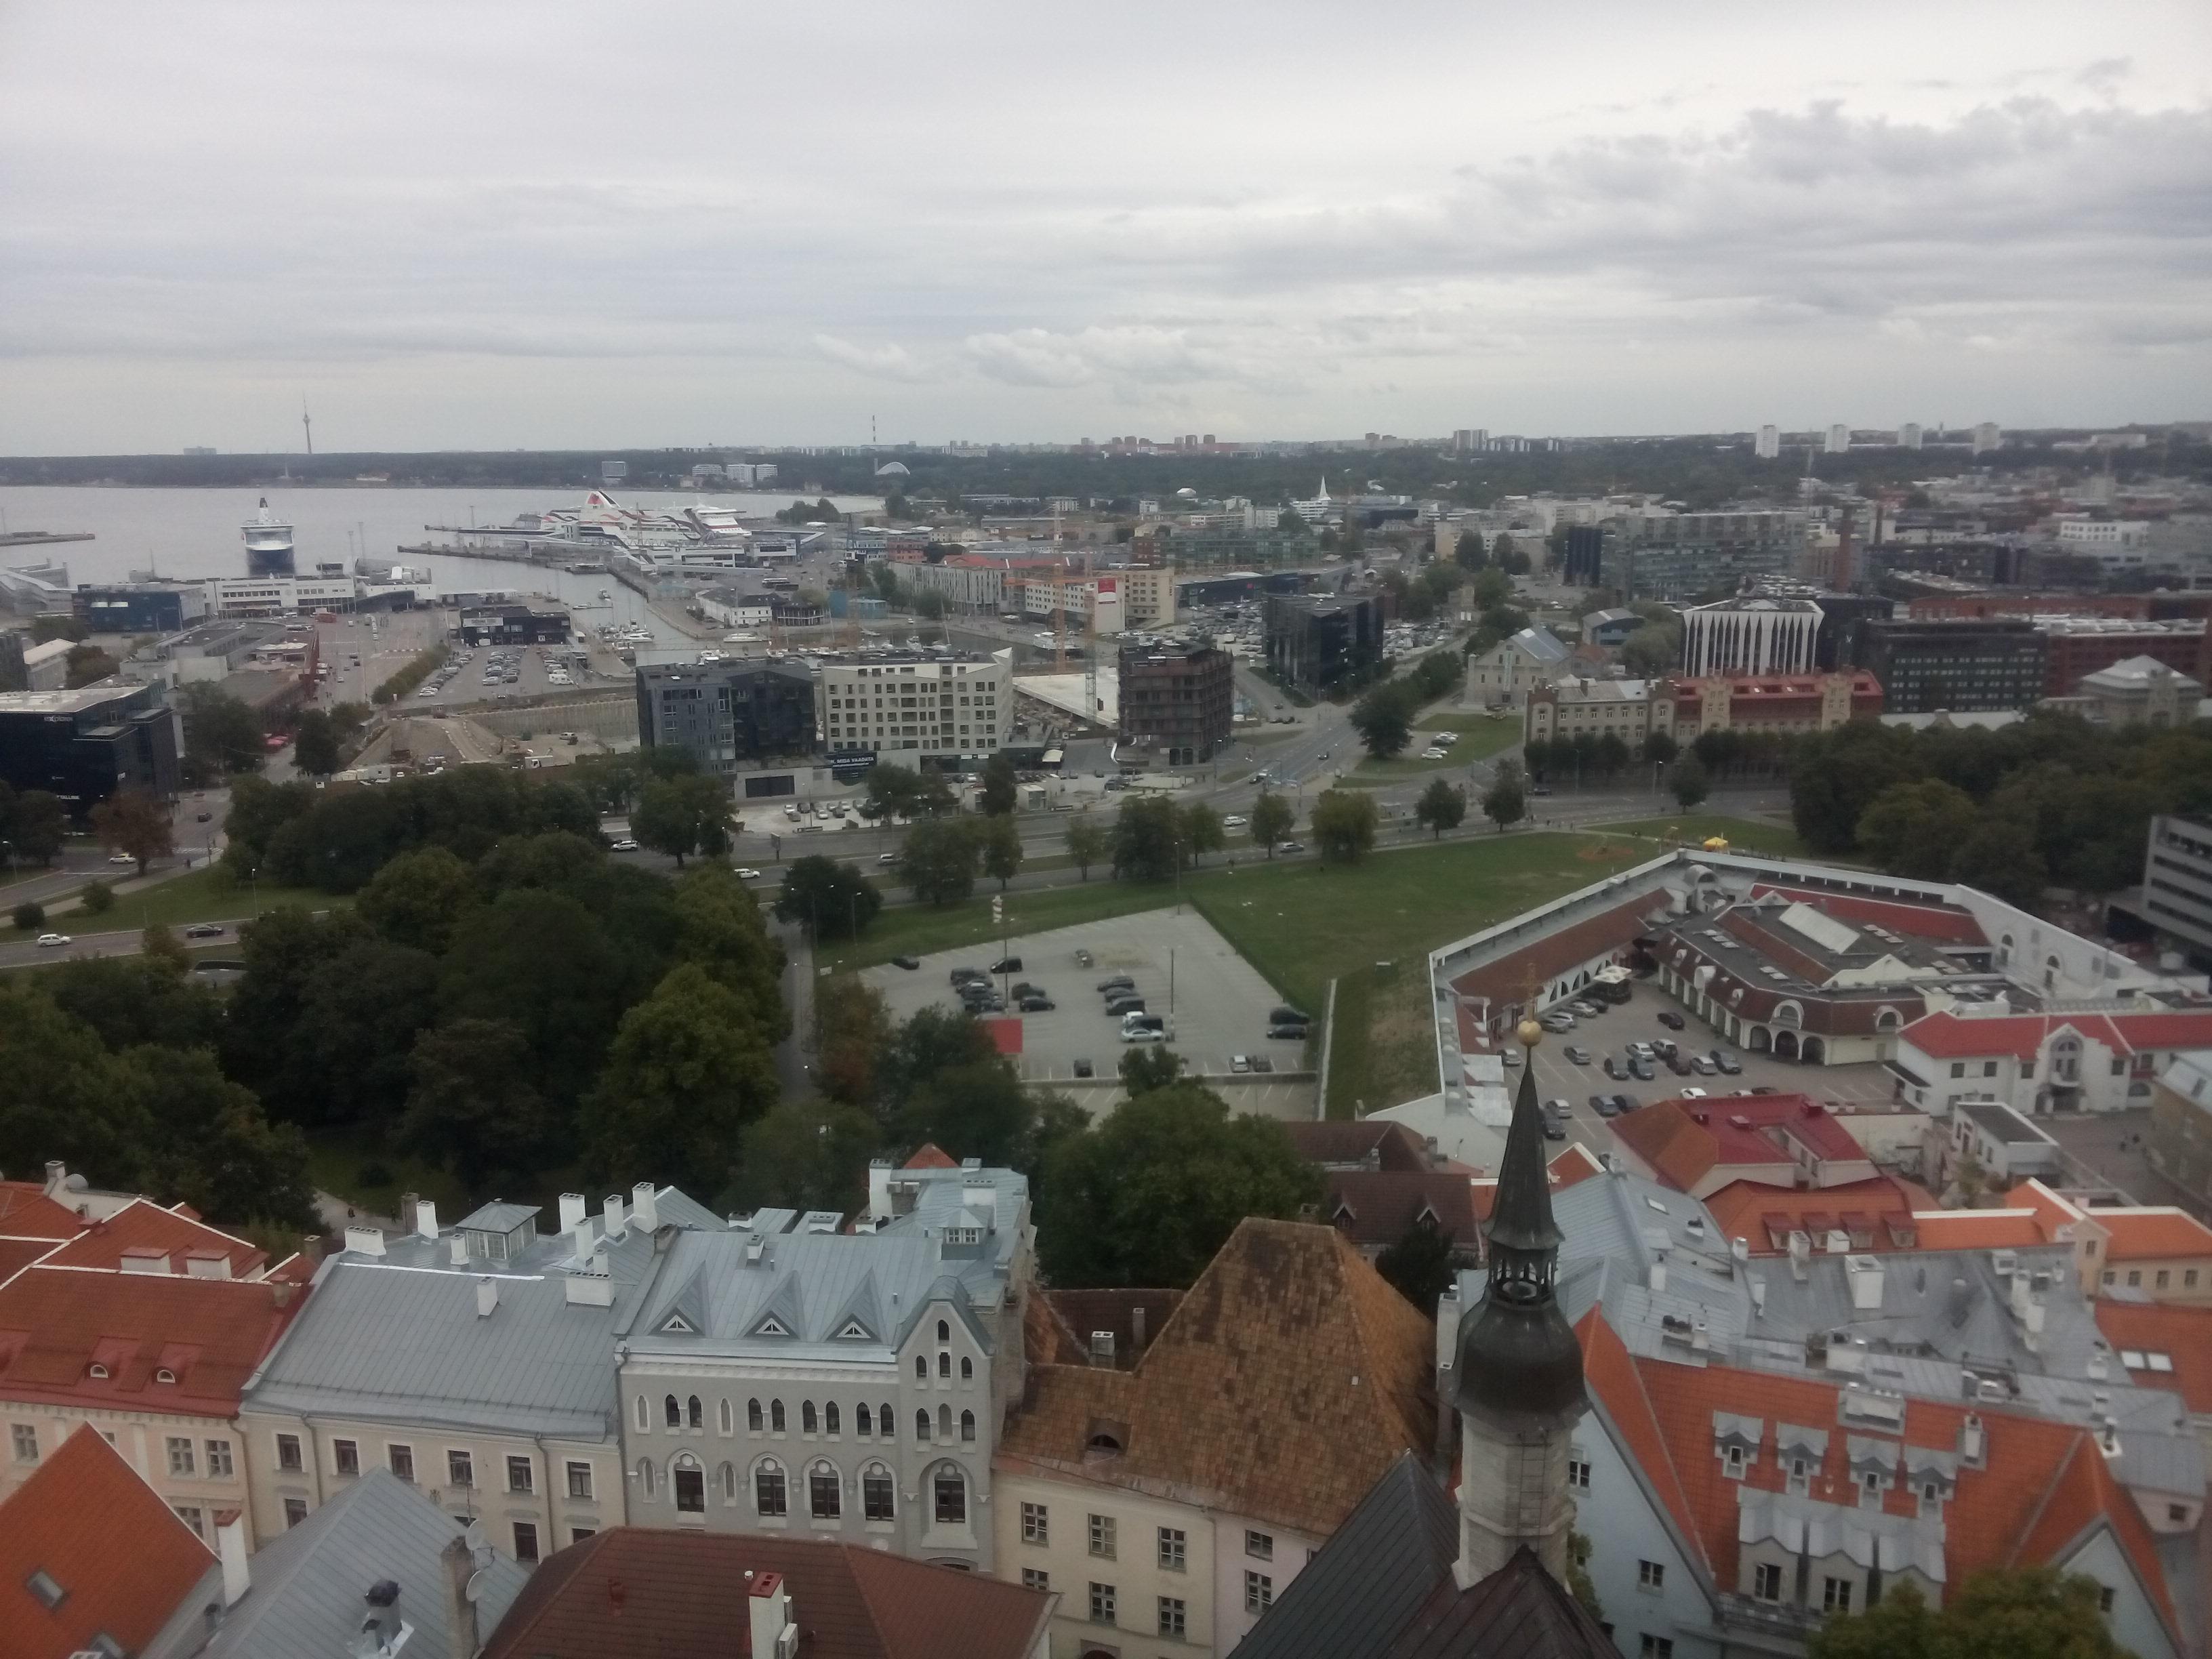 https://i.amy.gy/201808-estonia/IMG_20180825_172540.jpg